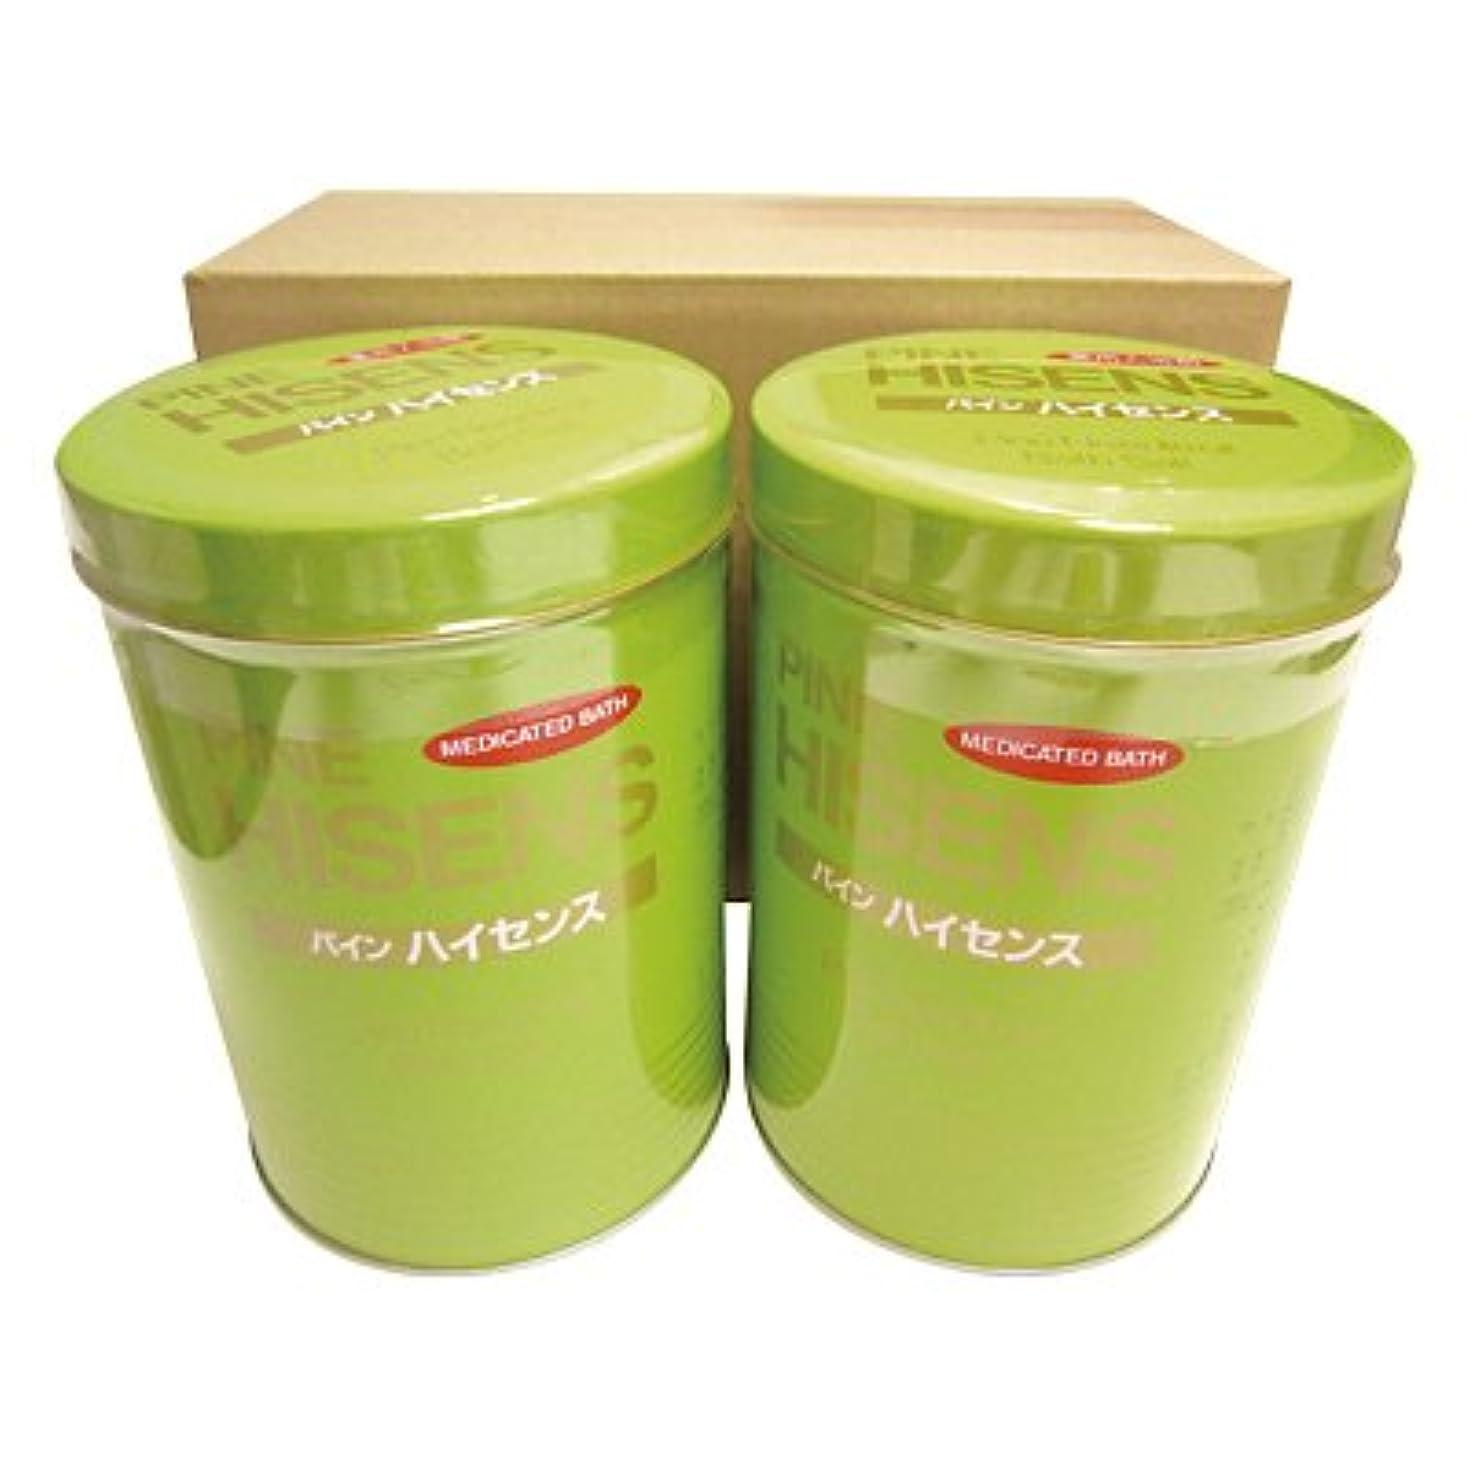 相反する効能品種高陽社 薬用入浴剤 パインハイセンス 2.1kg 2缶セット